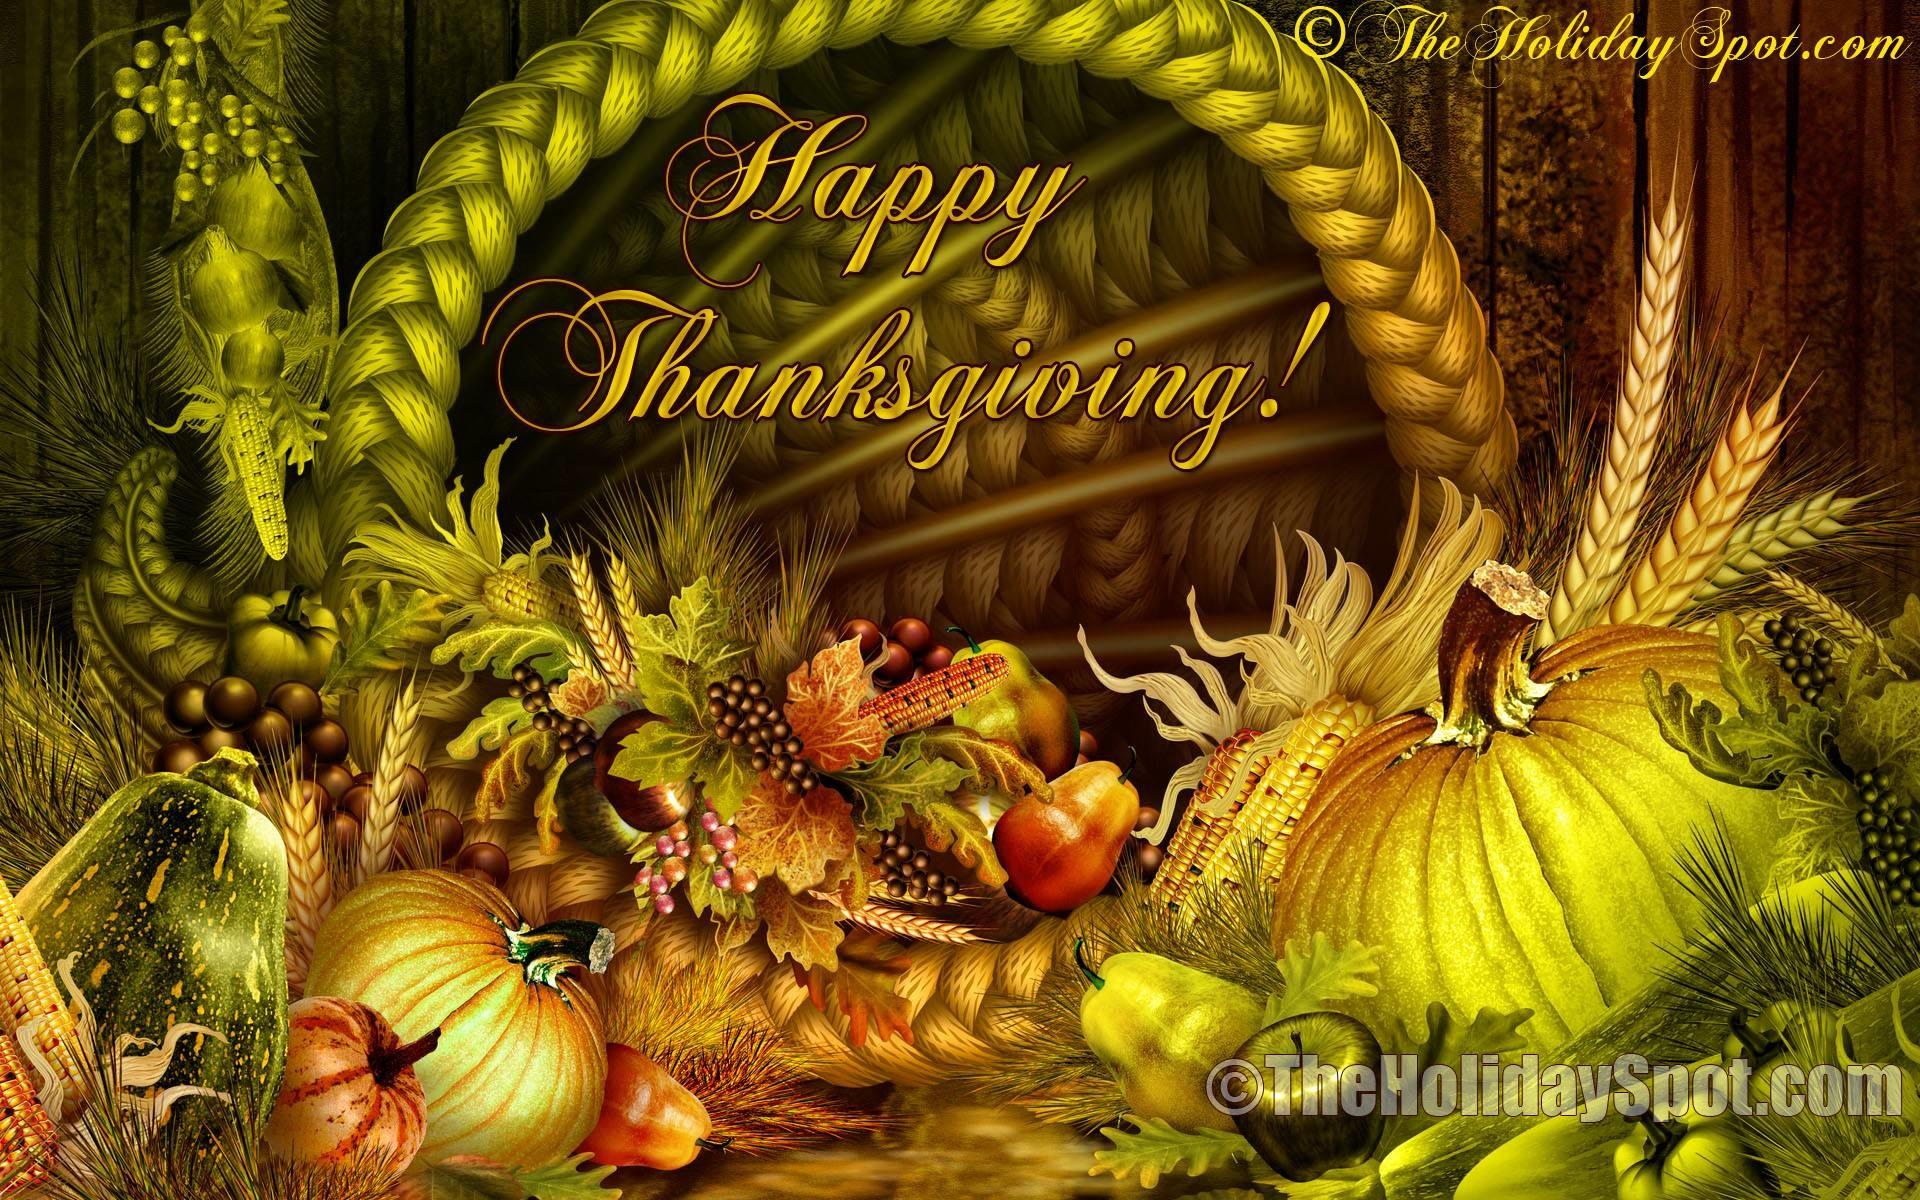 Free Desktop Wallpapers Thanksgiving Wallpaper